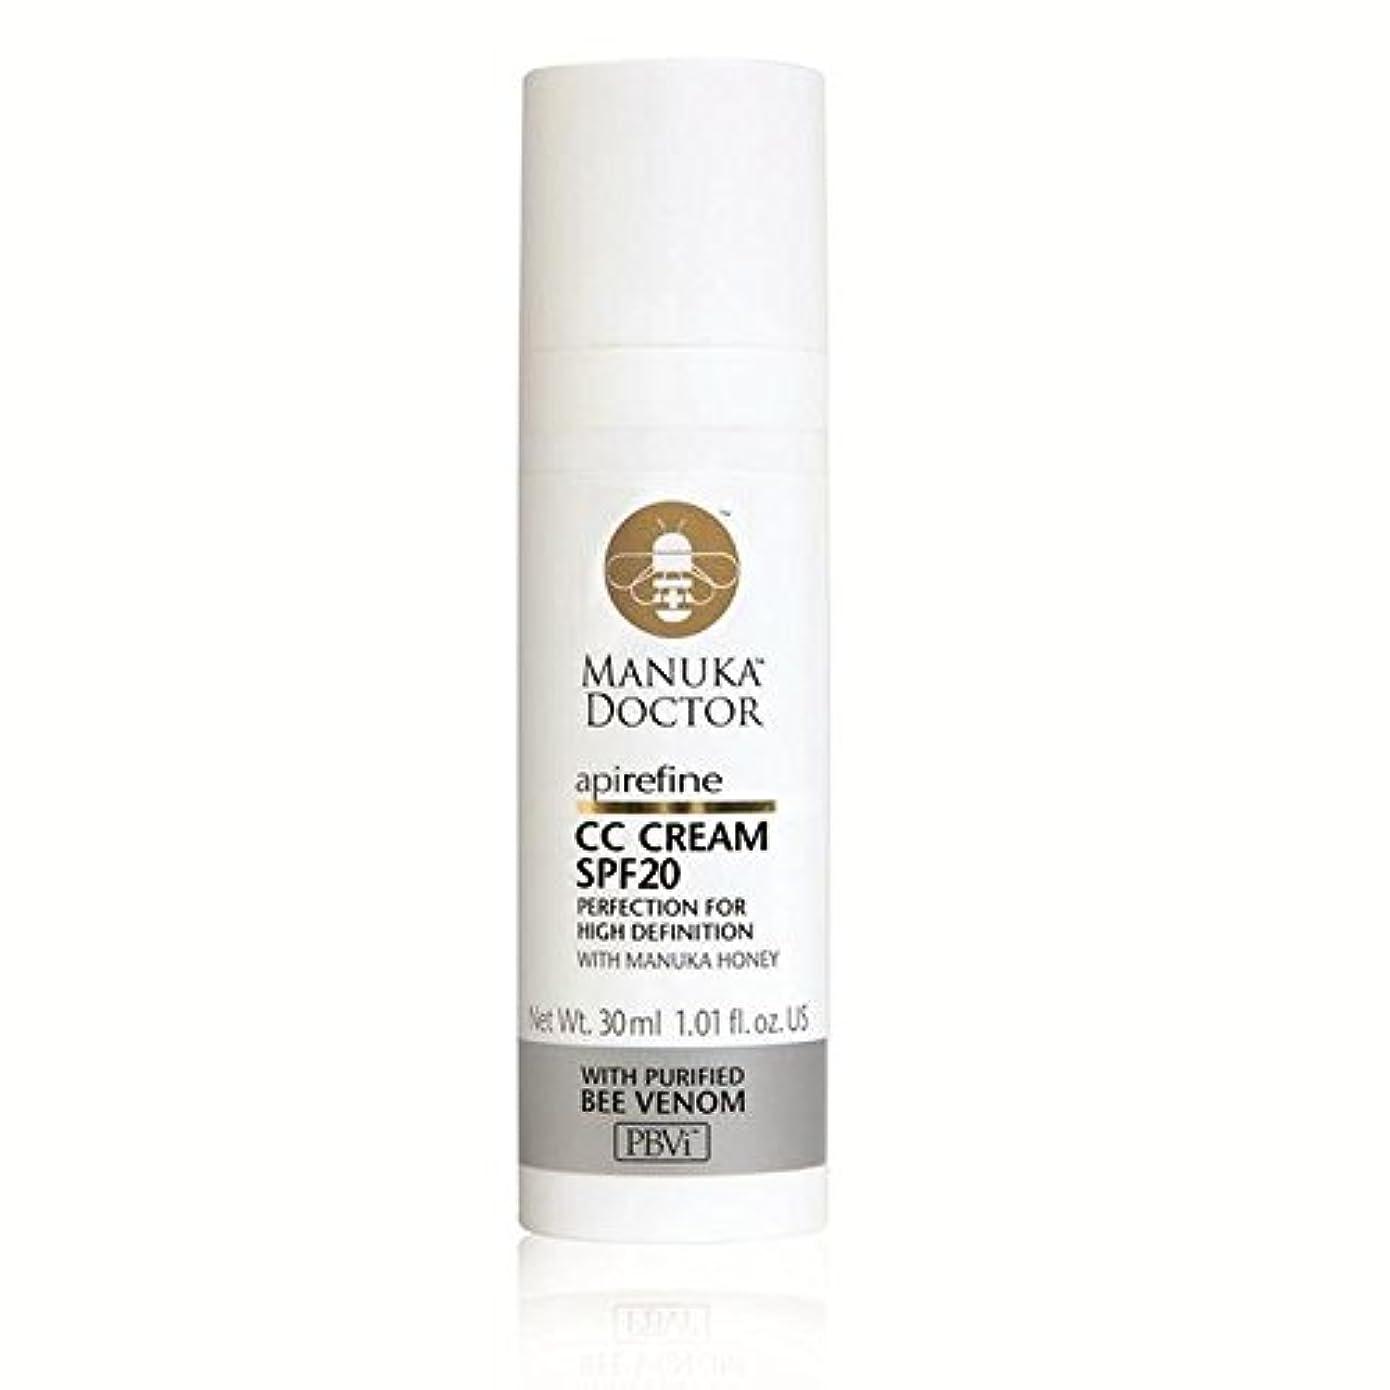 ゴネリル有害同行する20 30ミリリットルとマヌカドクターリファインクリーム x2 - Manuka Doctor Api Refine CC Cream with SPF20 30ml (Pack of 2) [並行輸入品]